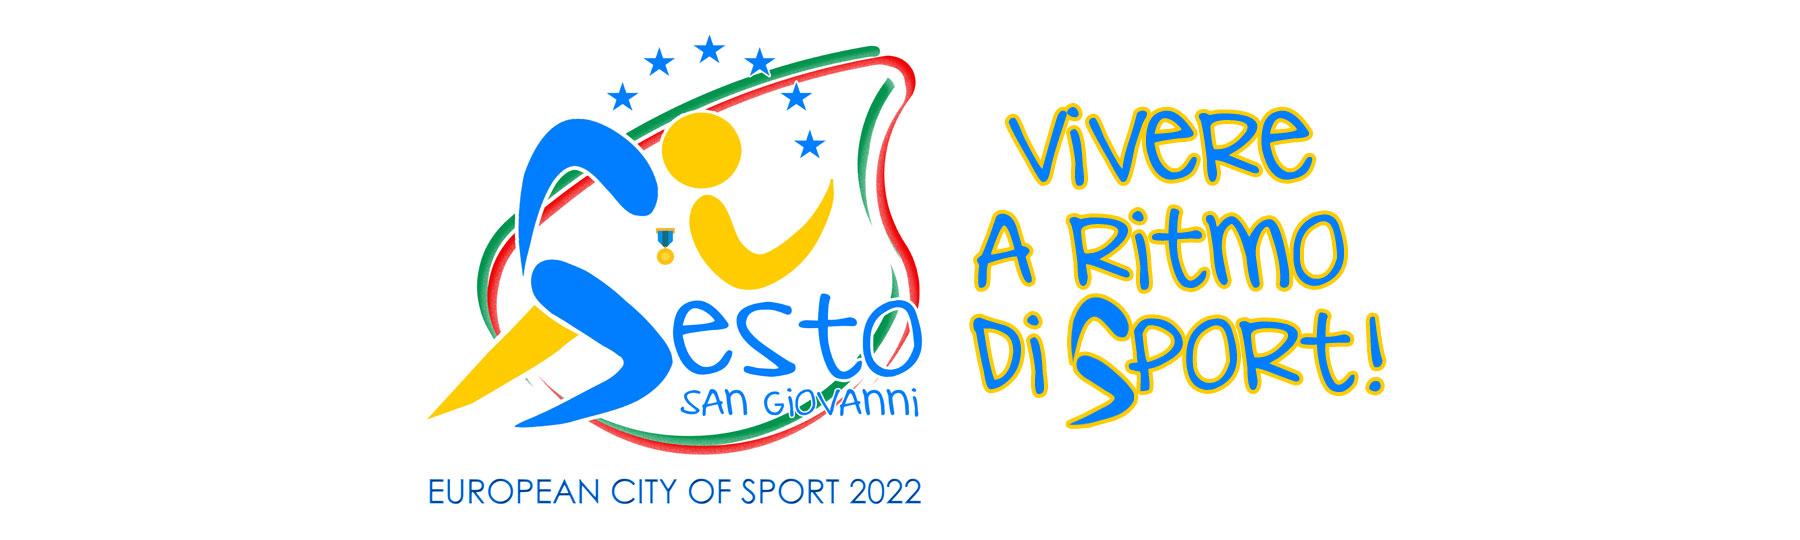 Il logo e il claim della candidatura a Città Europea dello Sport 2022